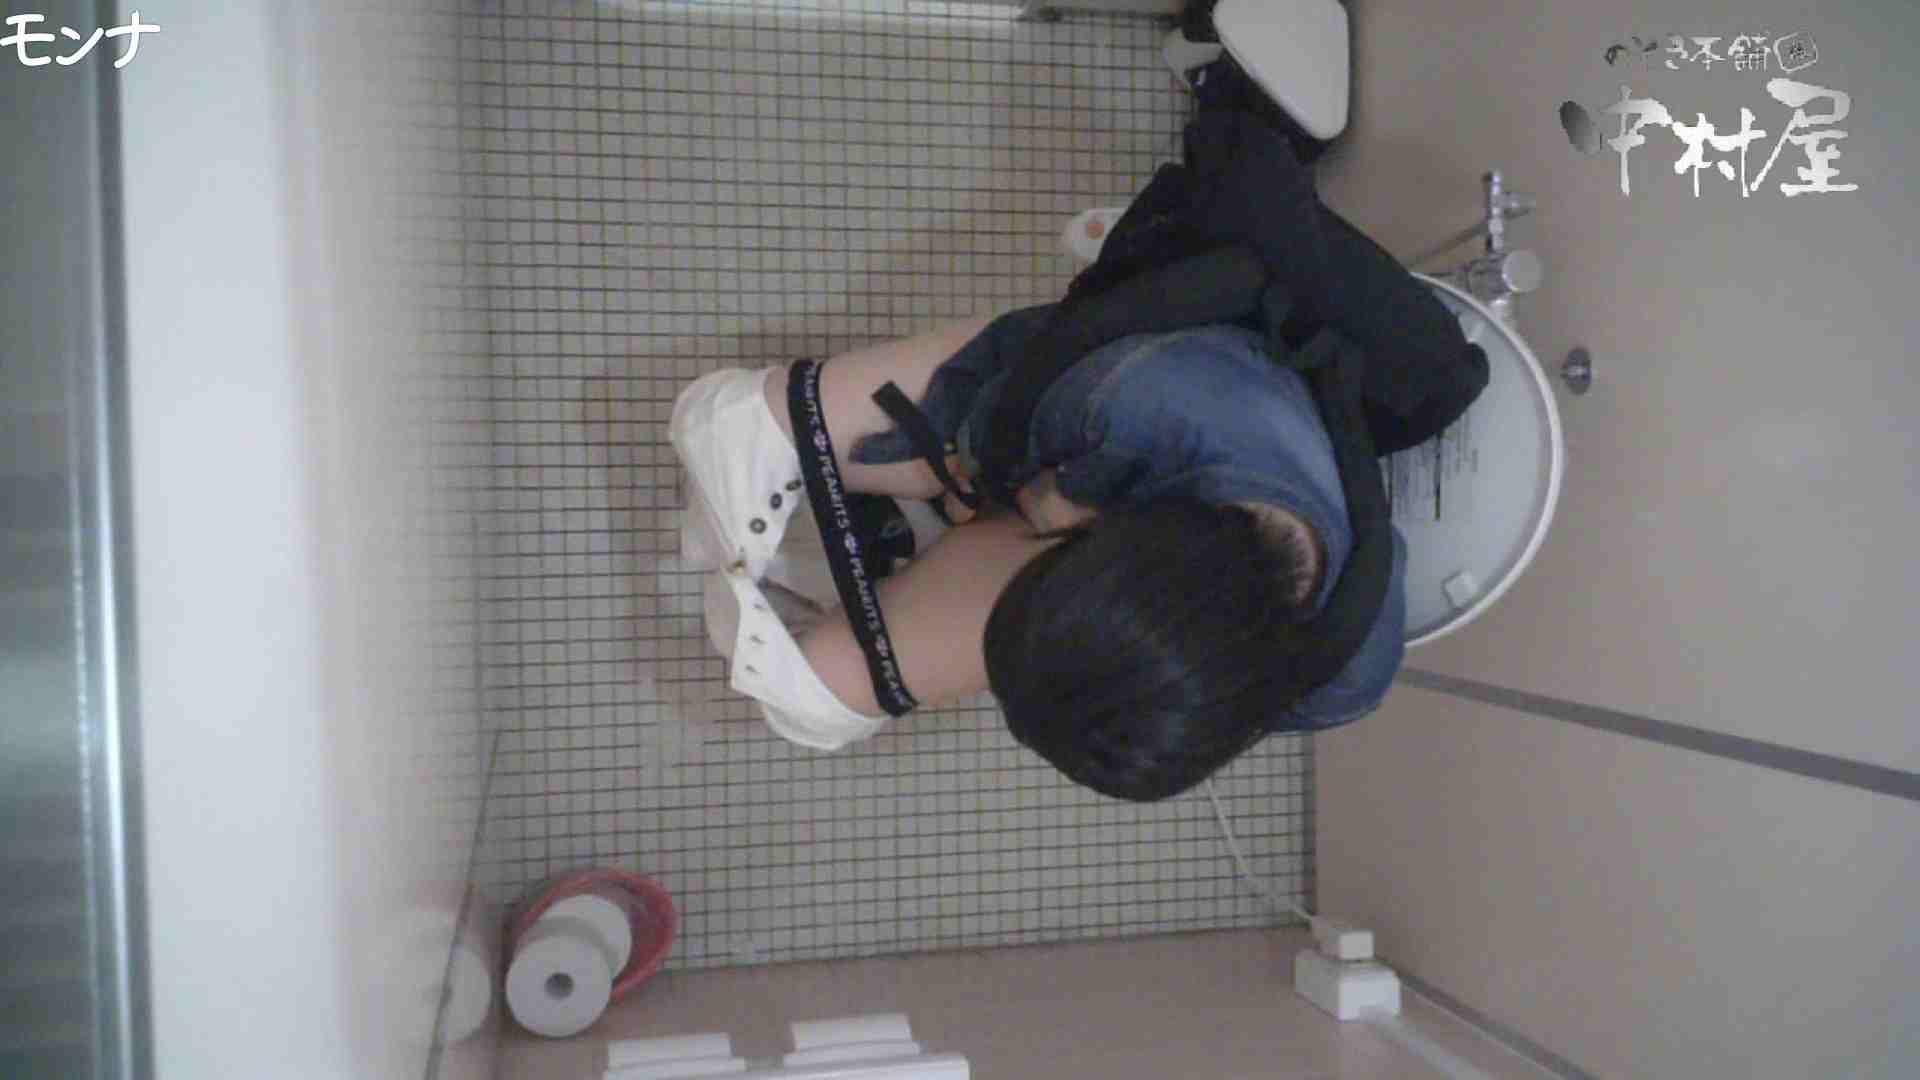 有名大学女性洗面所 vol.65 秘技!!マルチアングル天井撮り!! 潜入 ヌード画像 106PIX 42